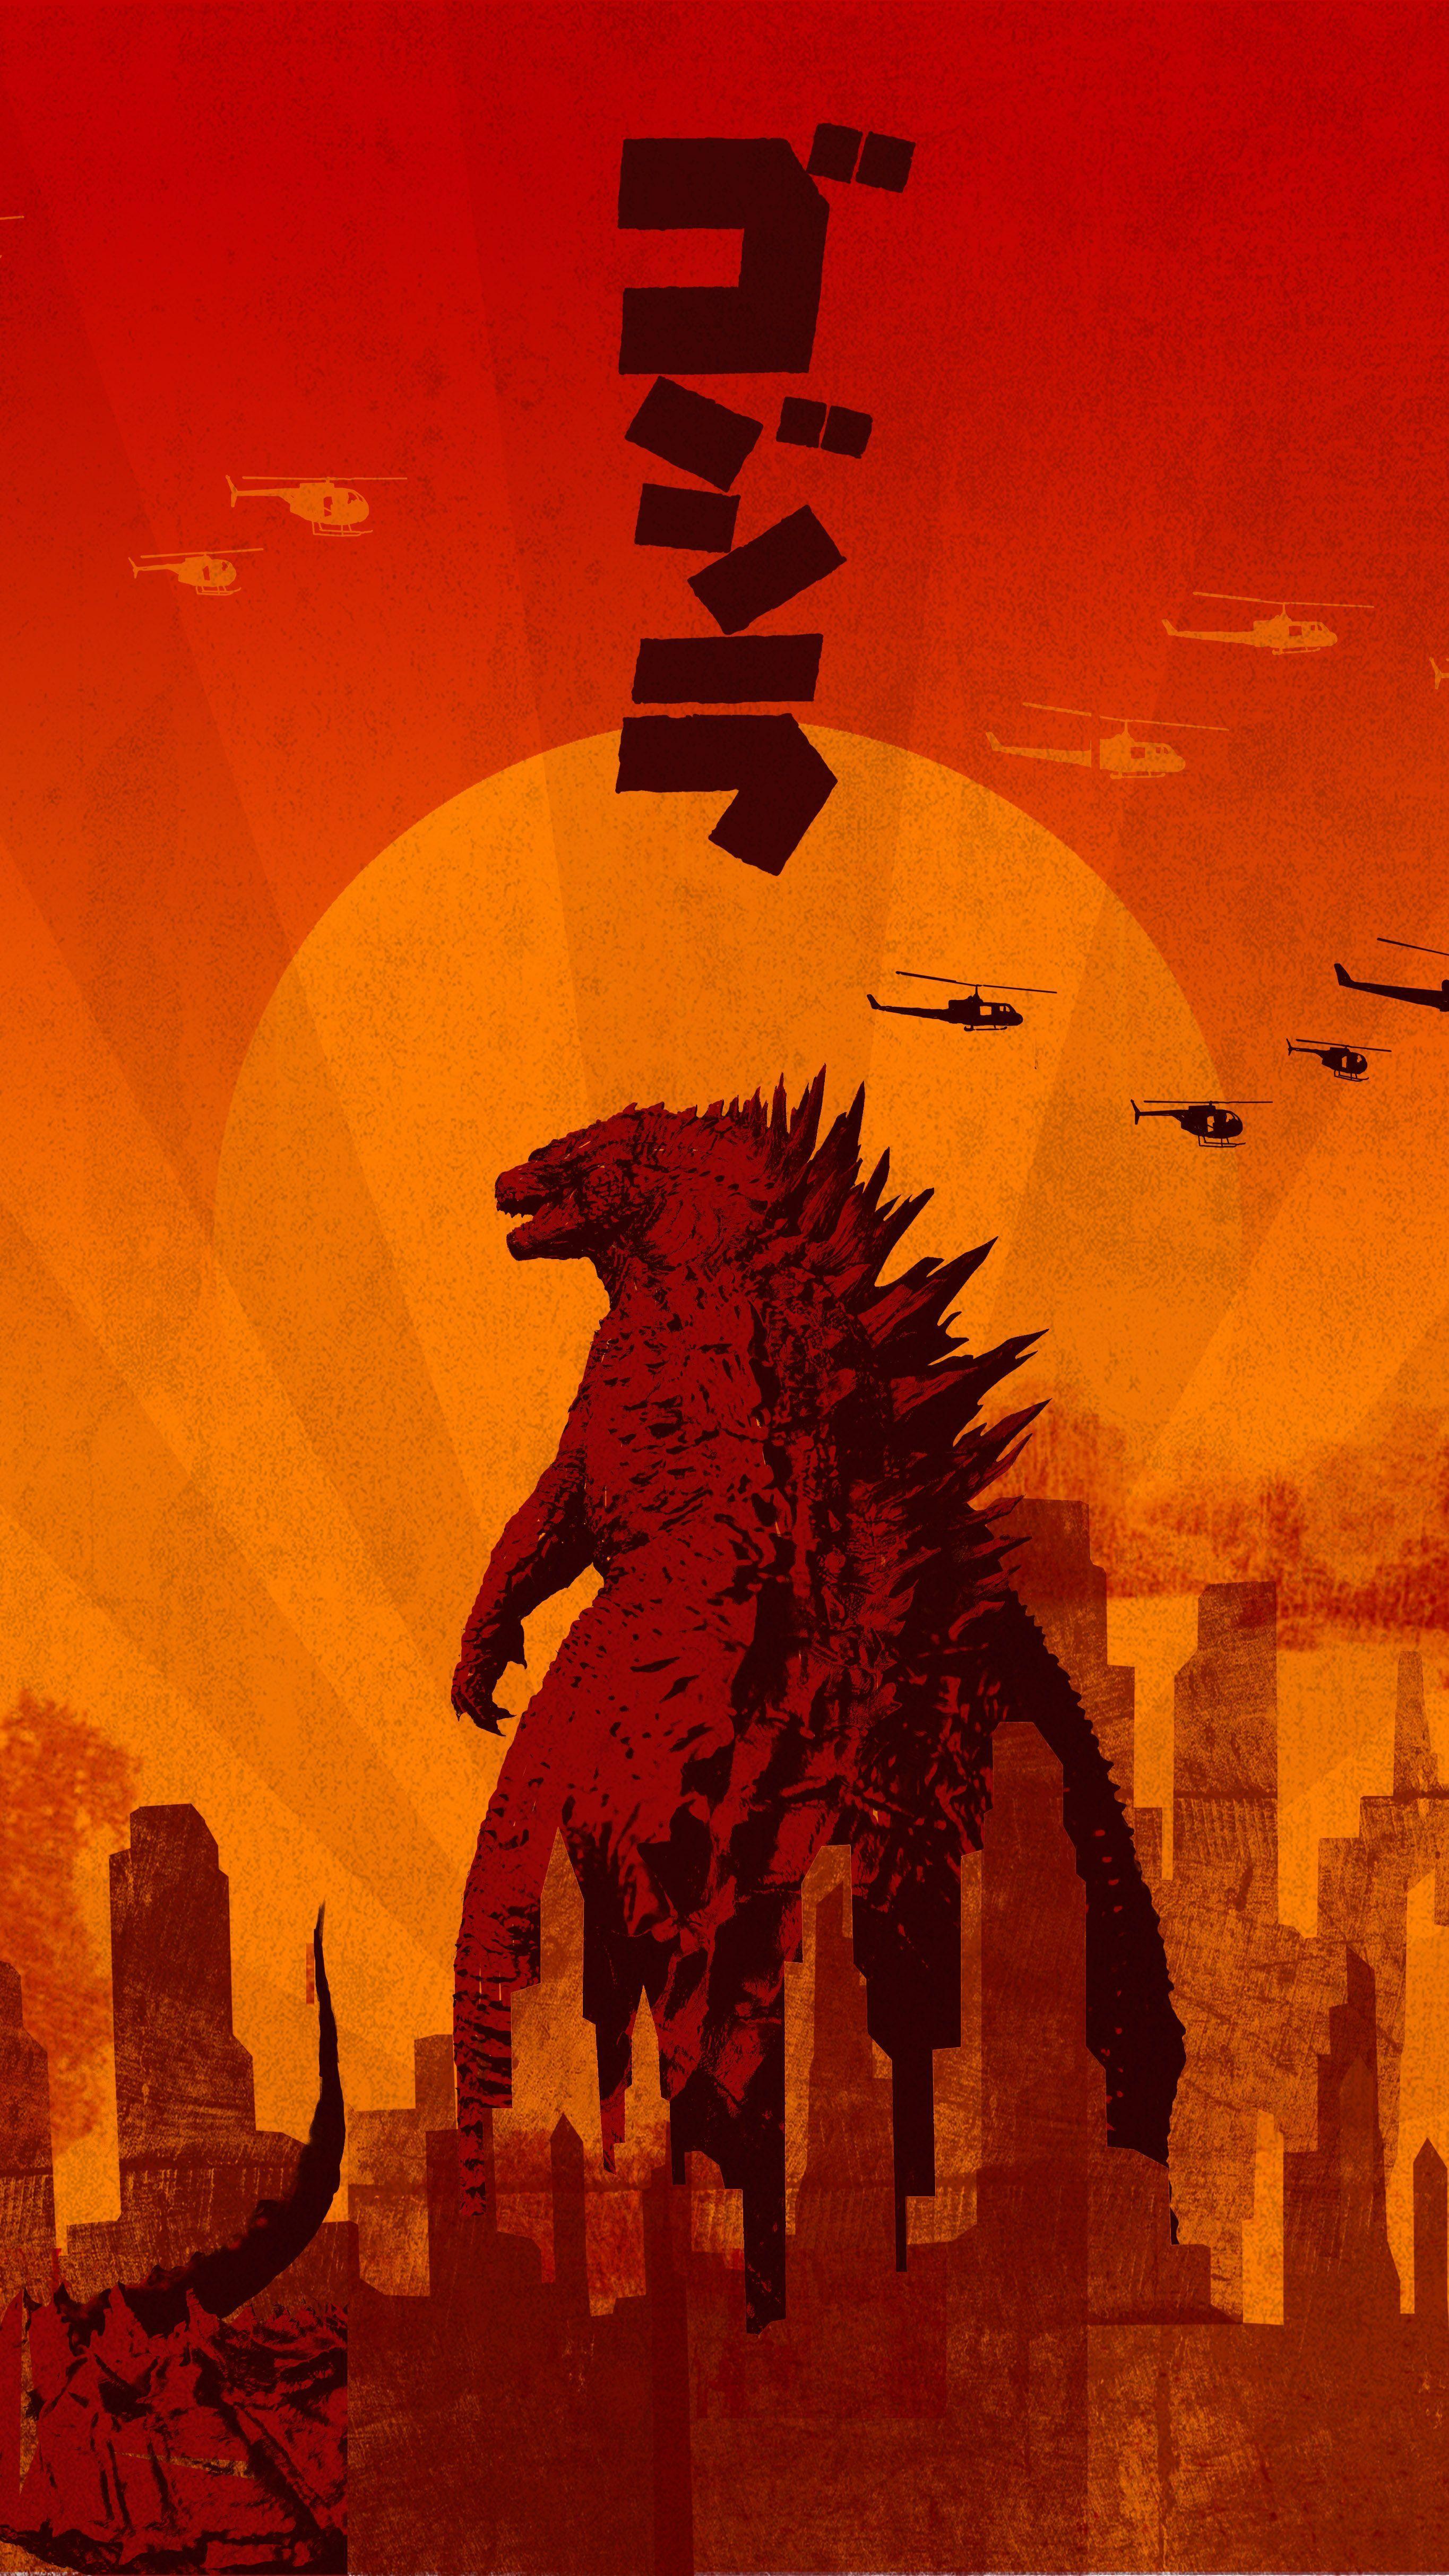 Godzilla Phone Wallpapers Top Free Godzilla Phone Backgrounds